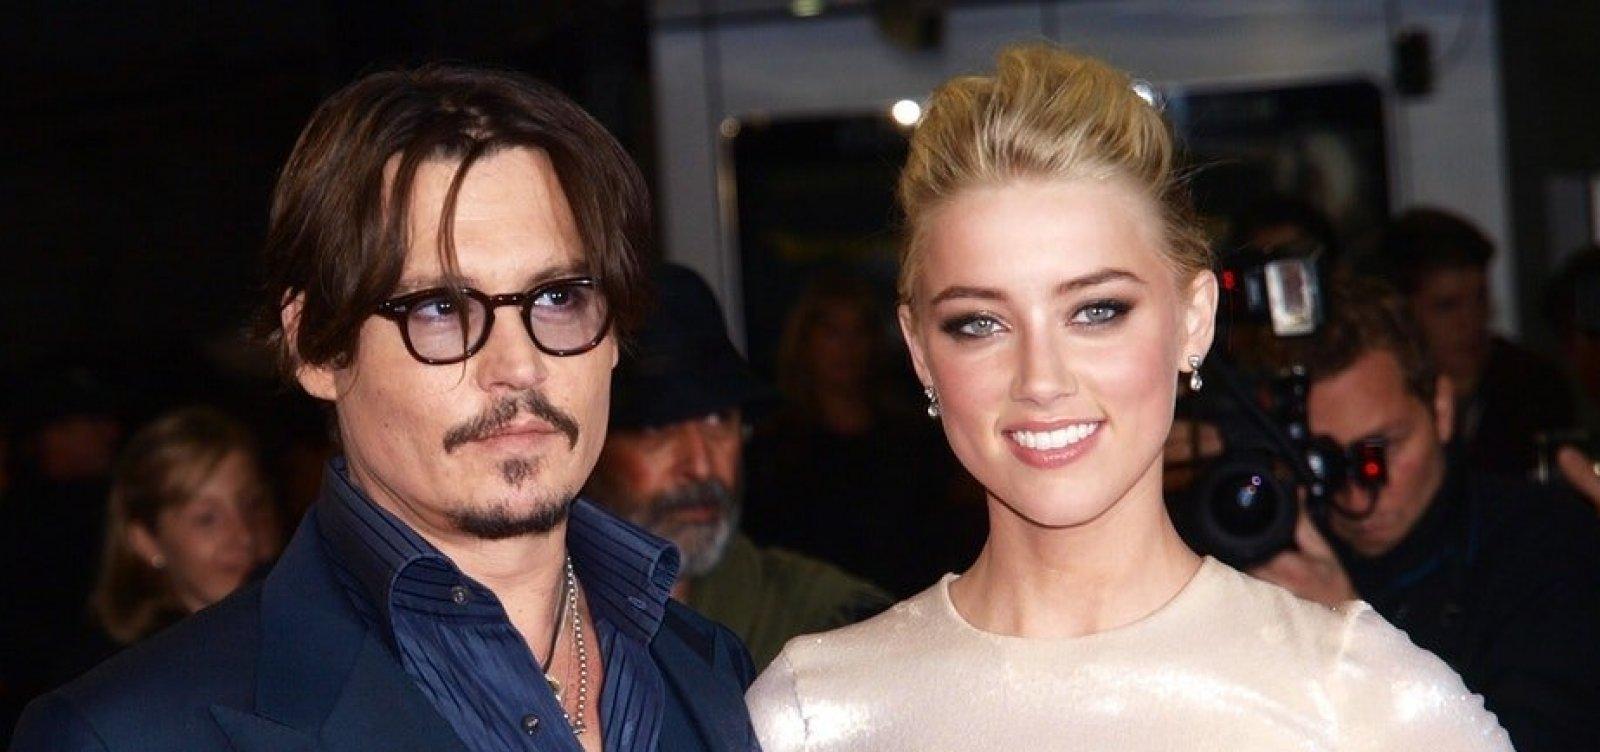 [Johnny Depp processa Amber Heard por difamação]